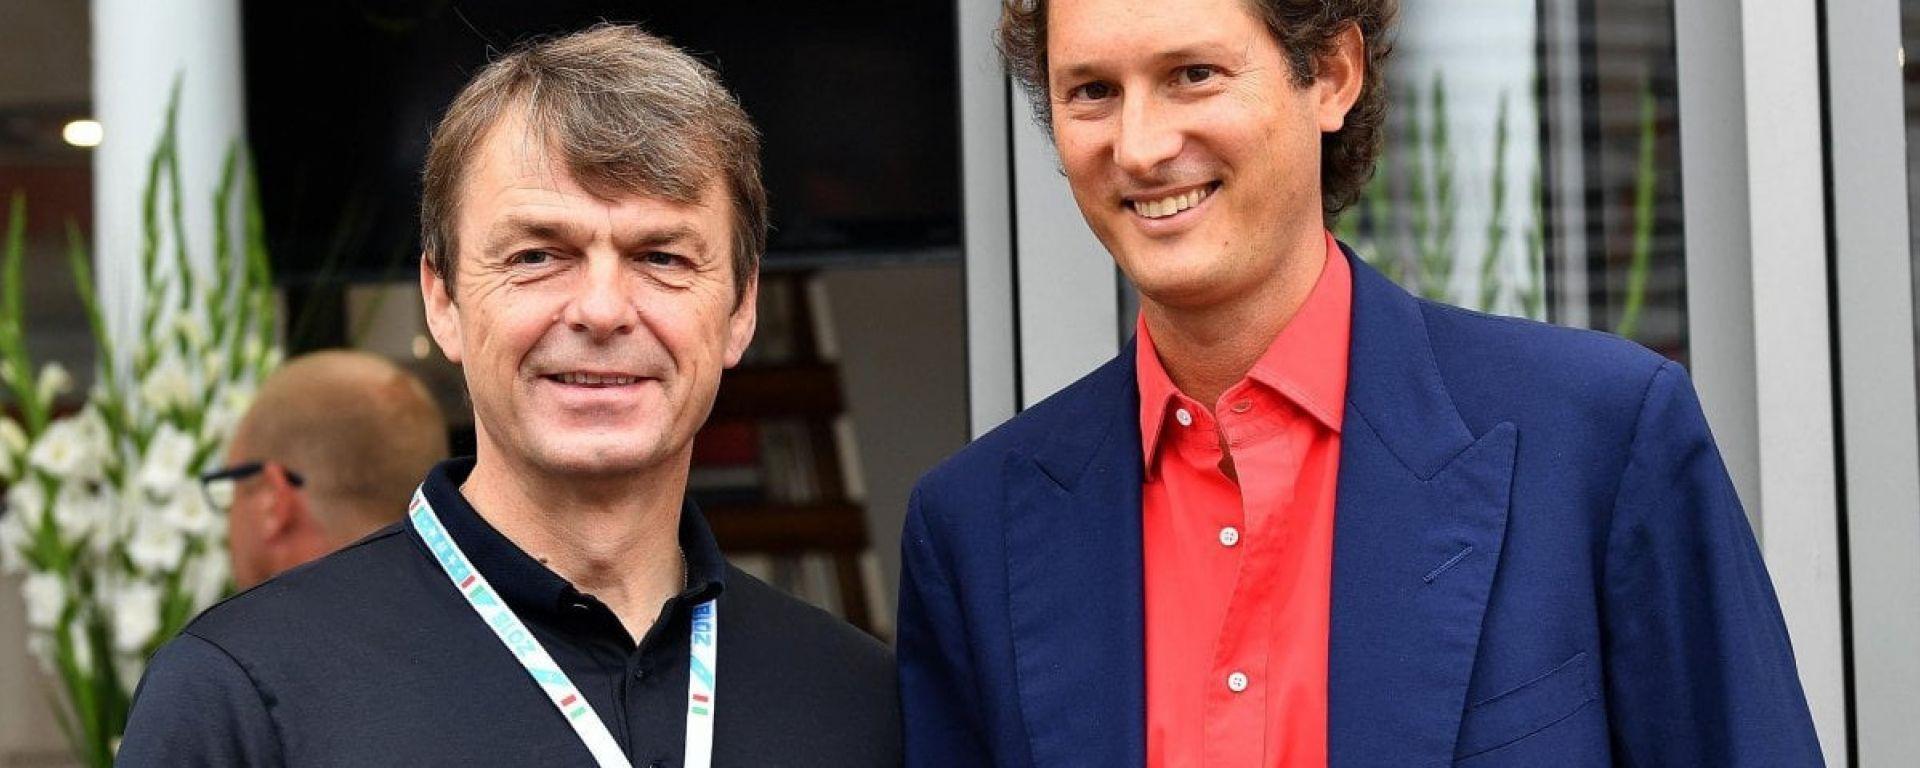 Mike Manley nuovo CEO Ferrari?